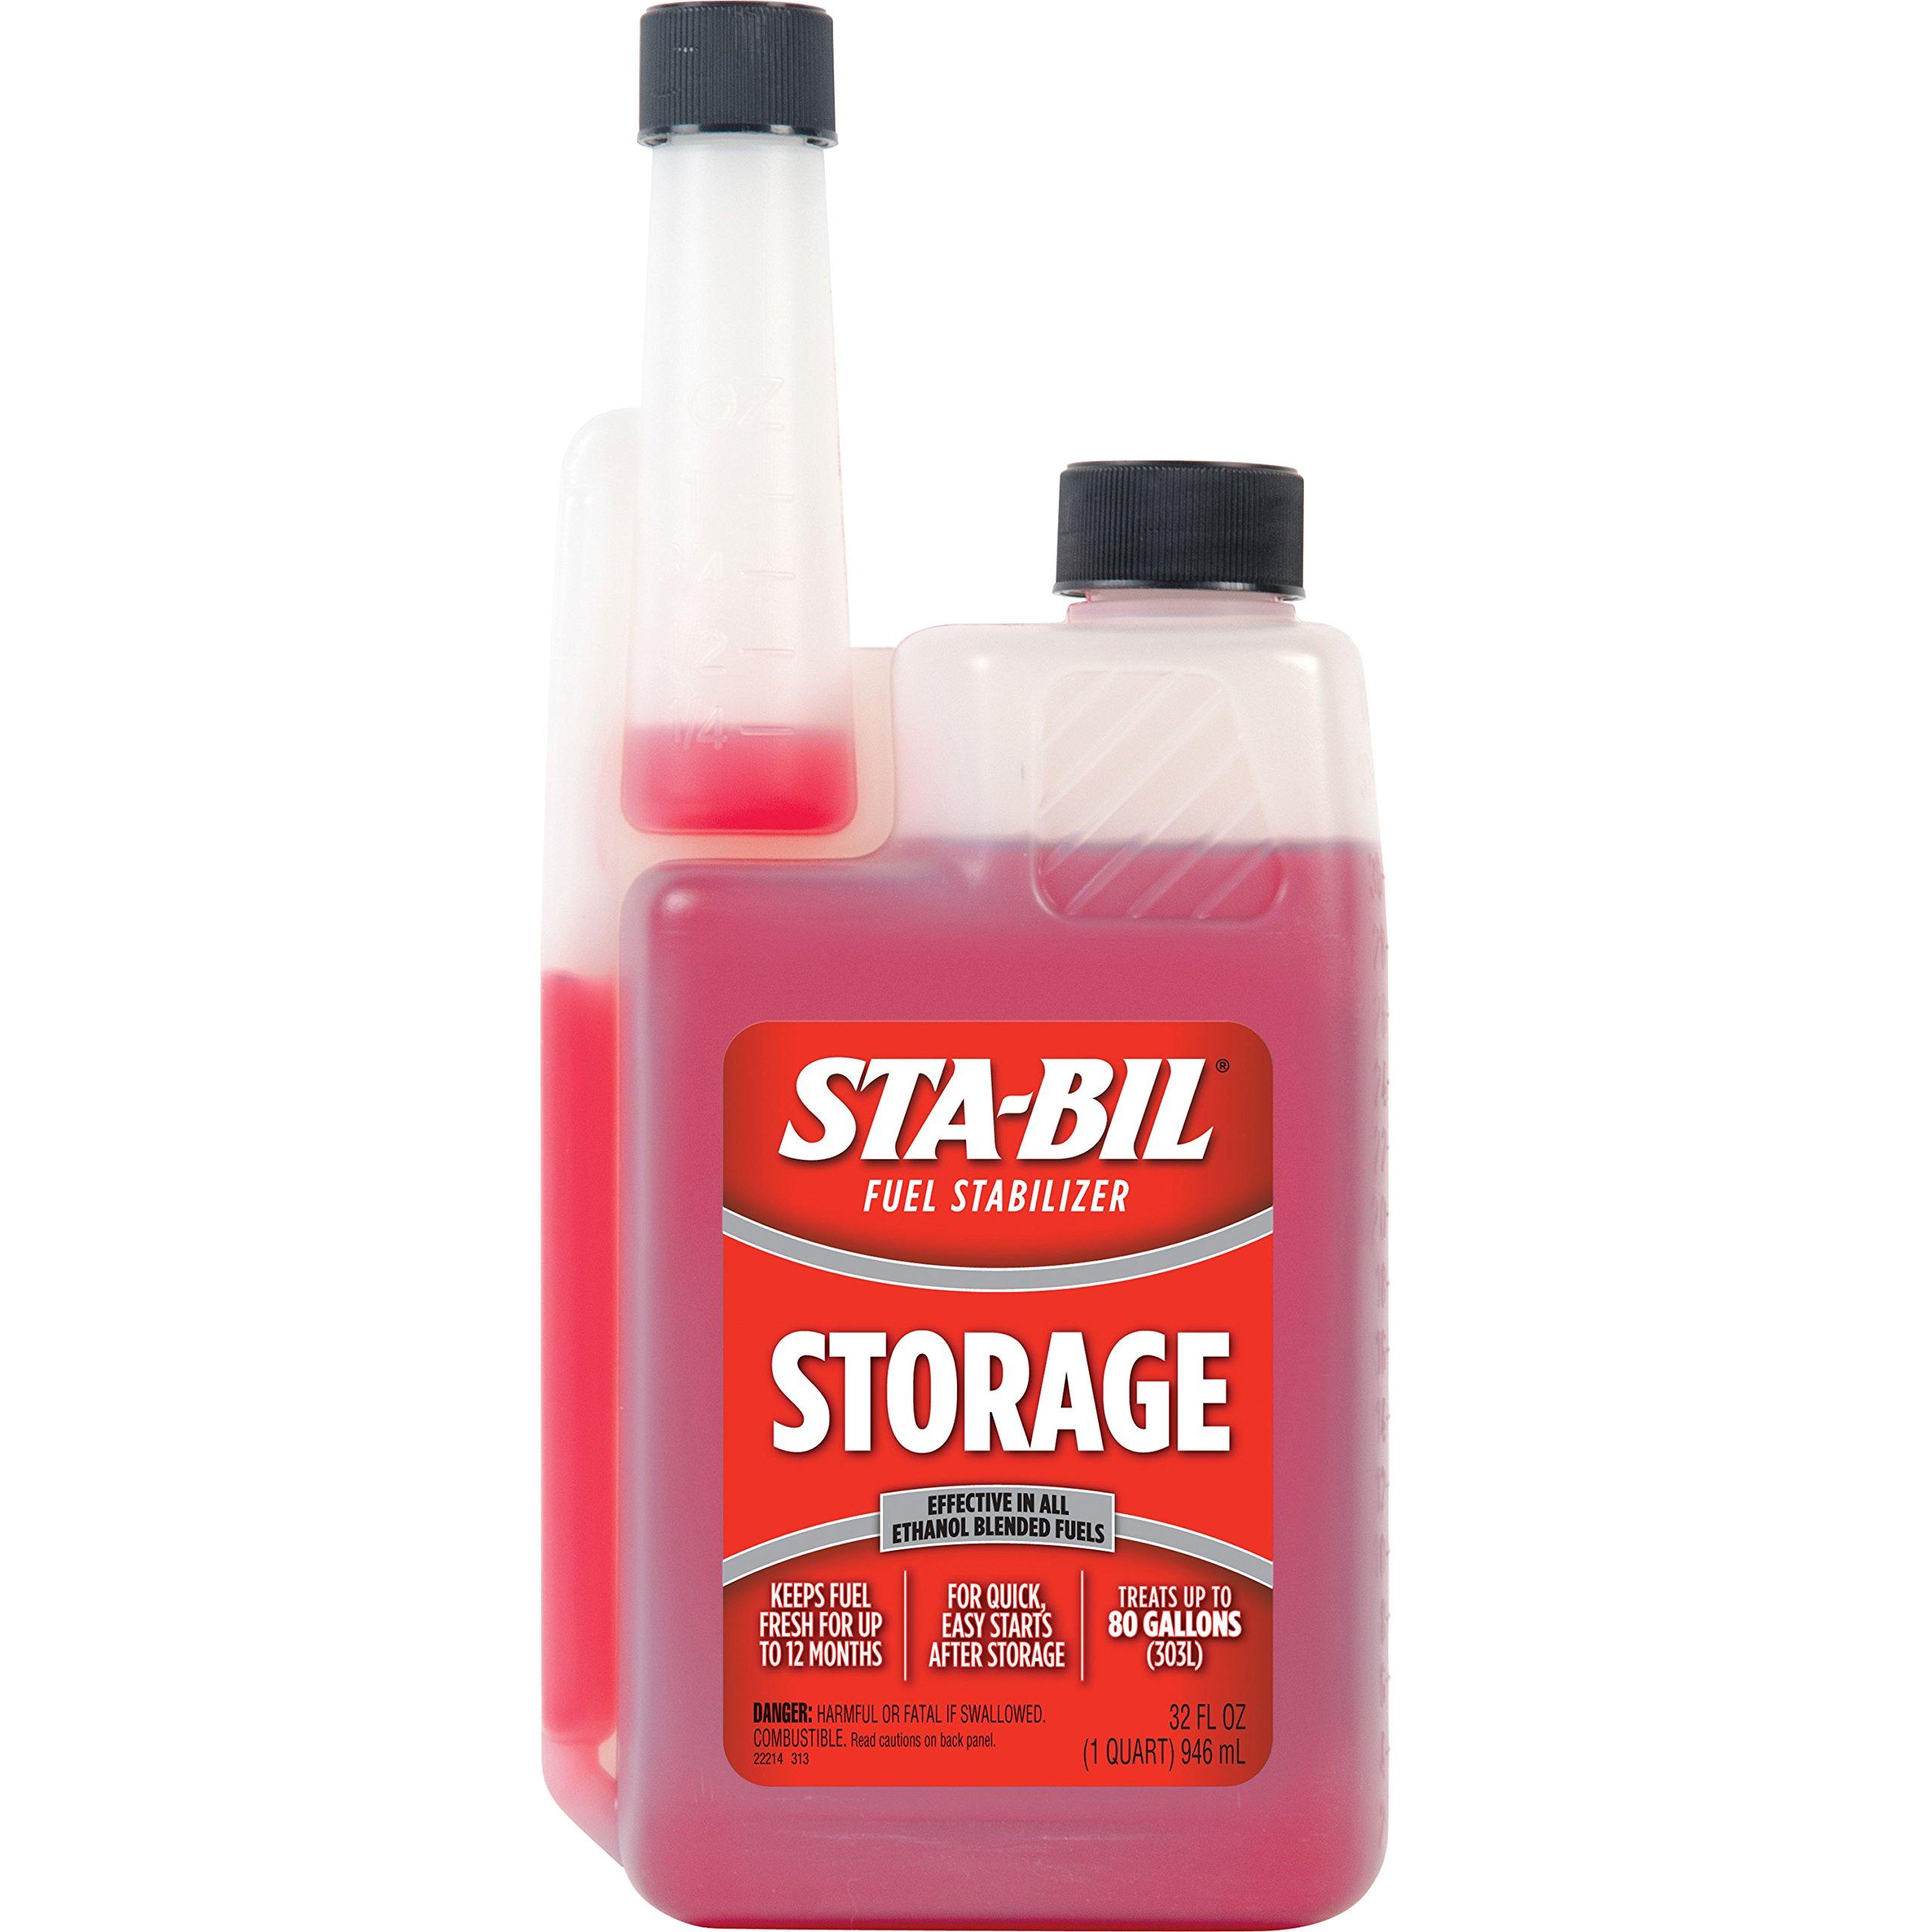 STABIL 22214 Fuel Stabilizer - 32 Fl oz. by STABIL